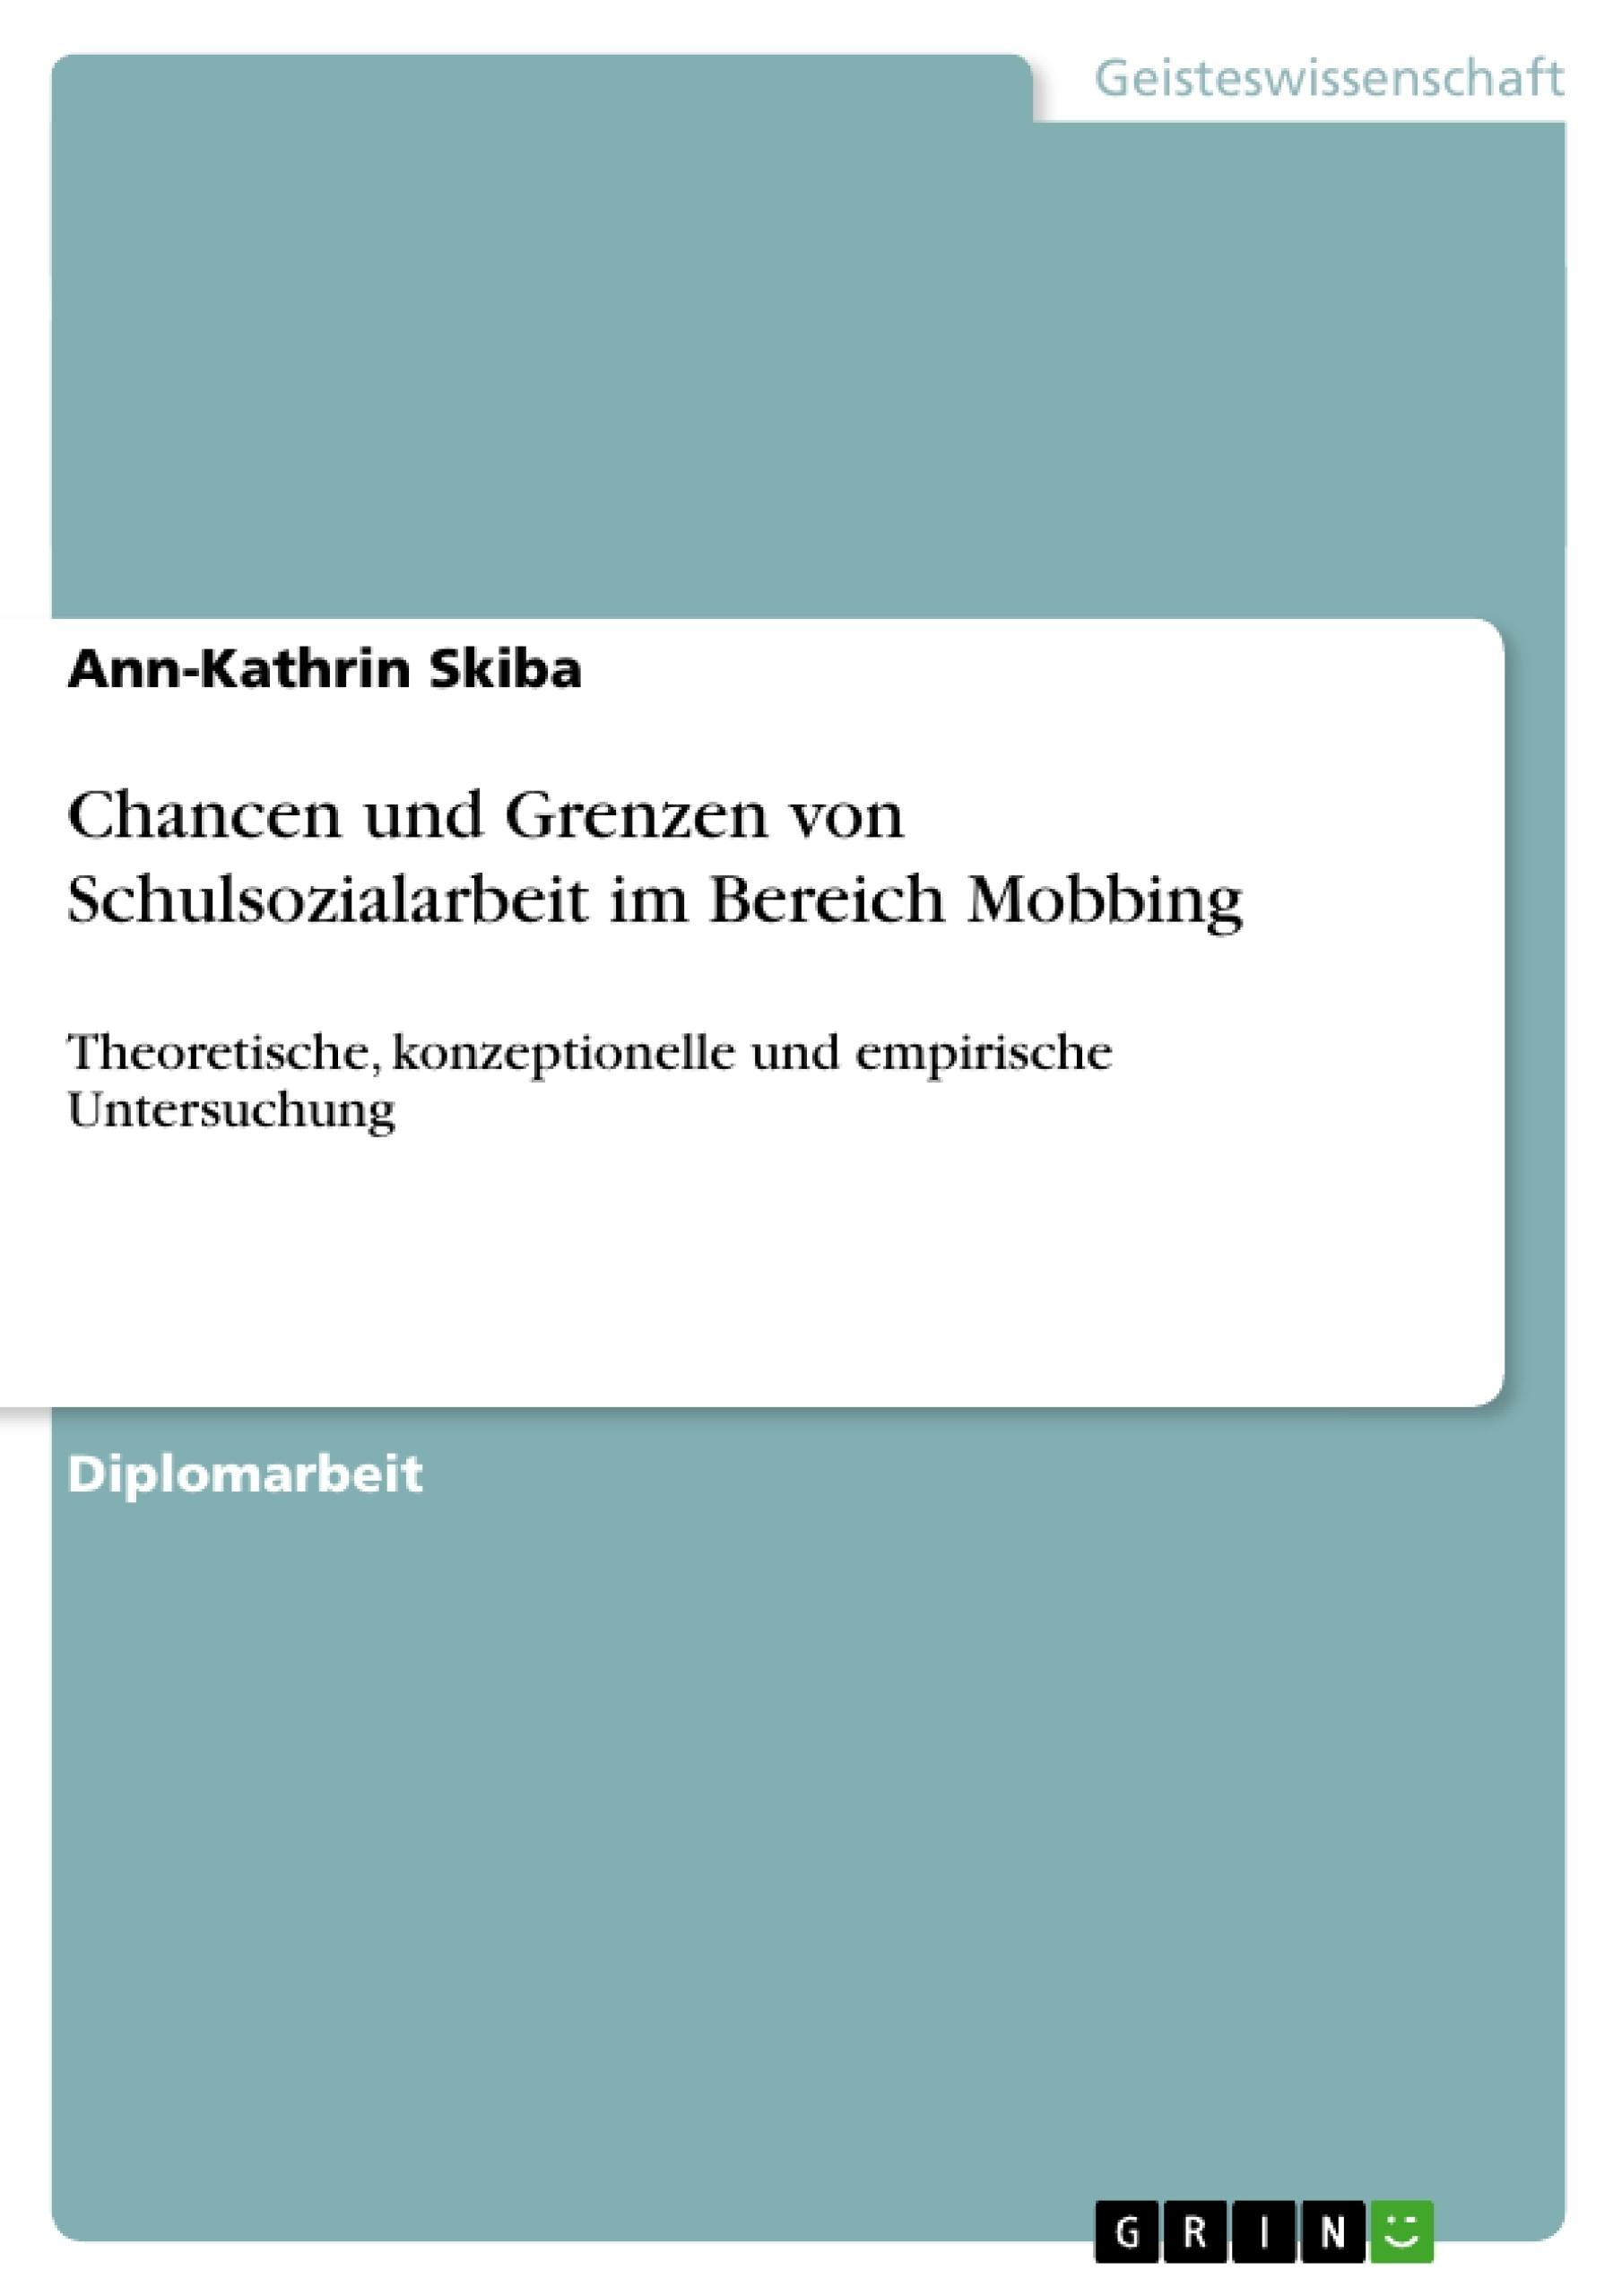 Titel: Chancen und Grenzen von Schulsozialarbeit im Bereich Mobbing